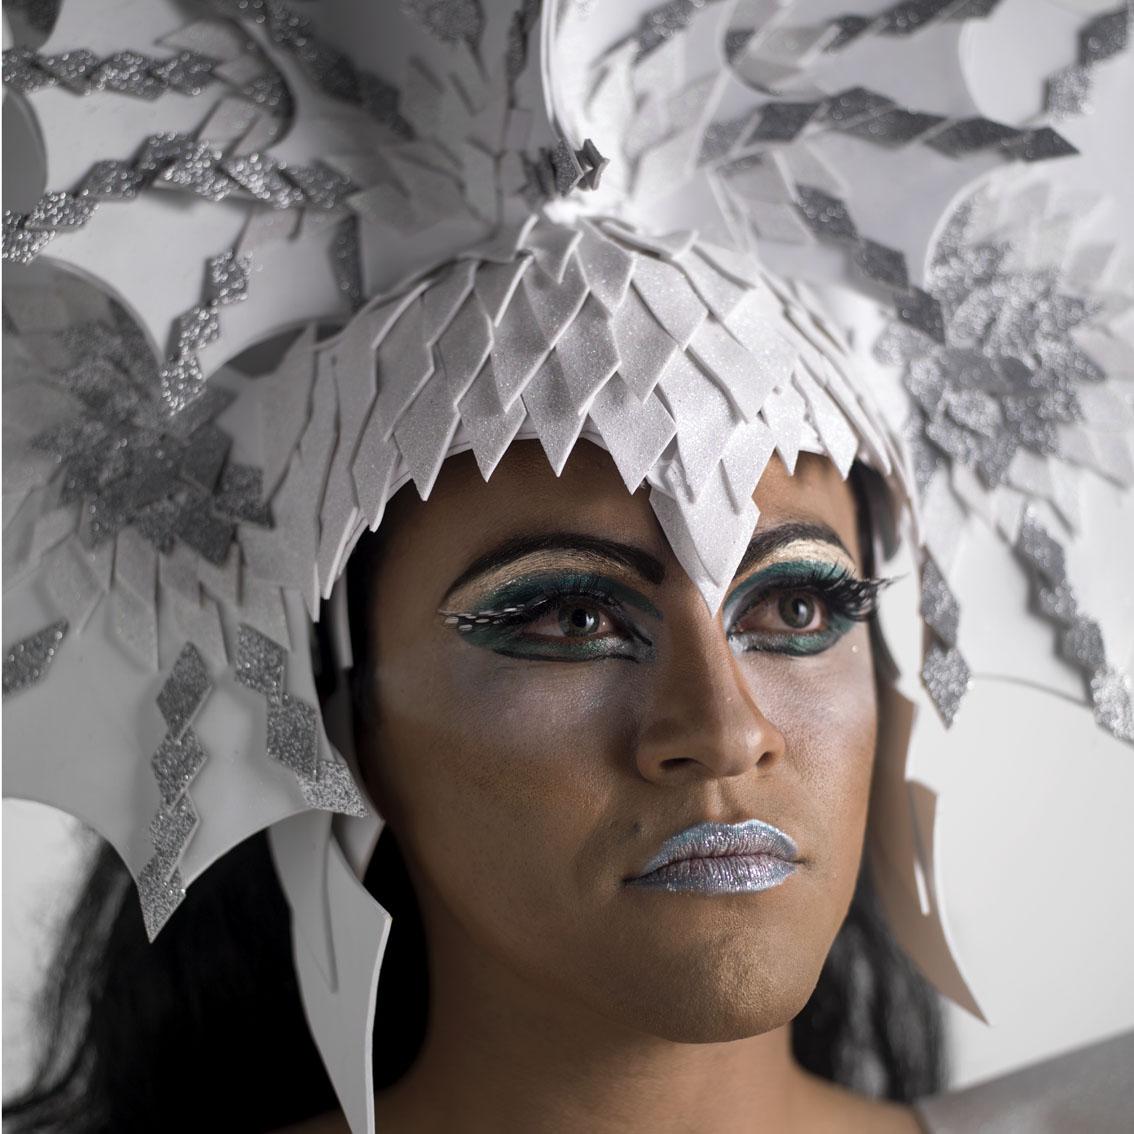 dragqueen bolivia Dannah Kardashian portrait